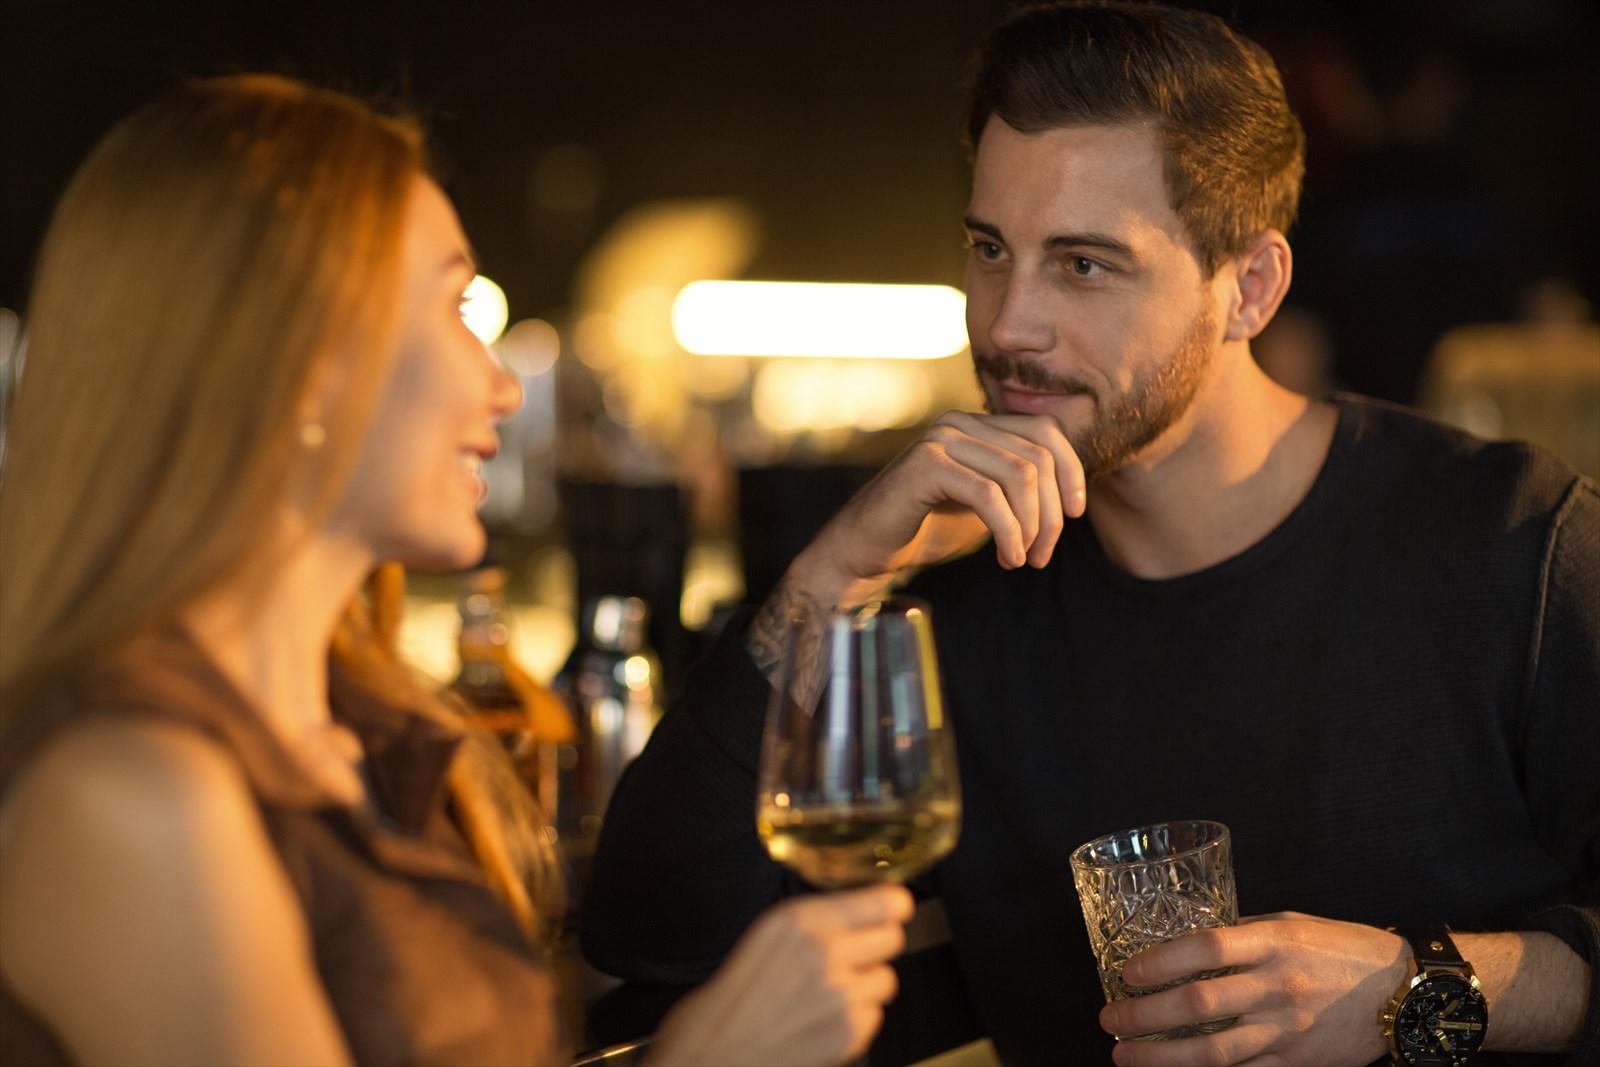 「友達」ではなく、「男性」として意識させるには『恋愛話』を入れる